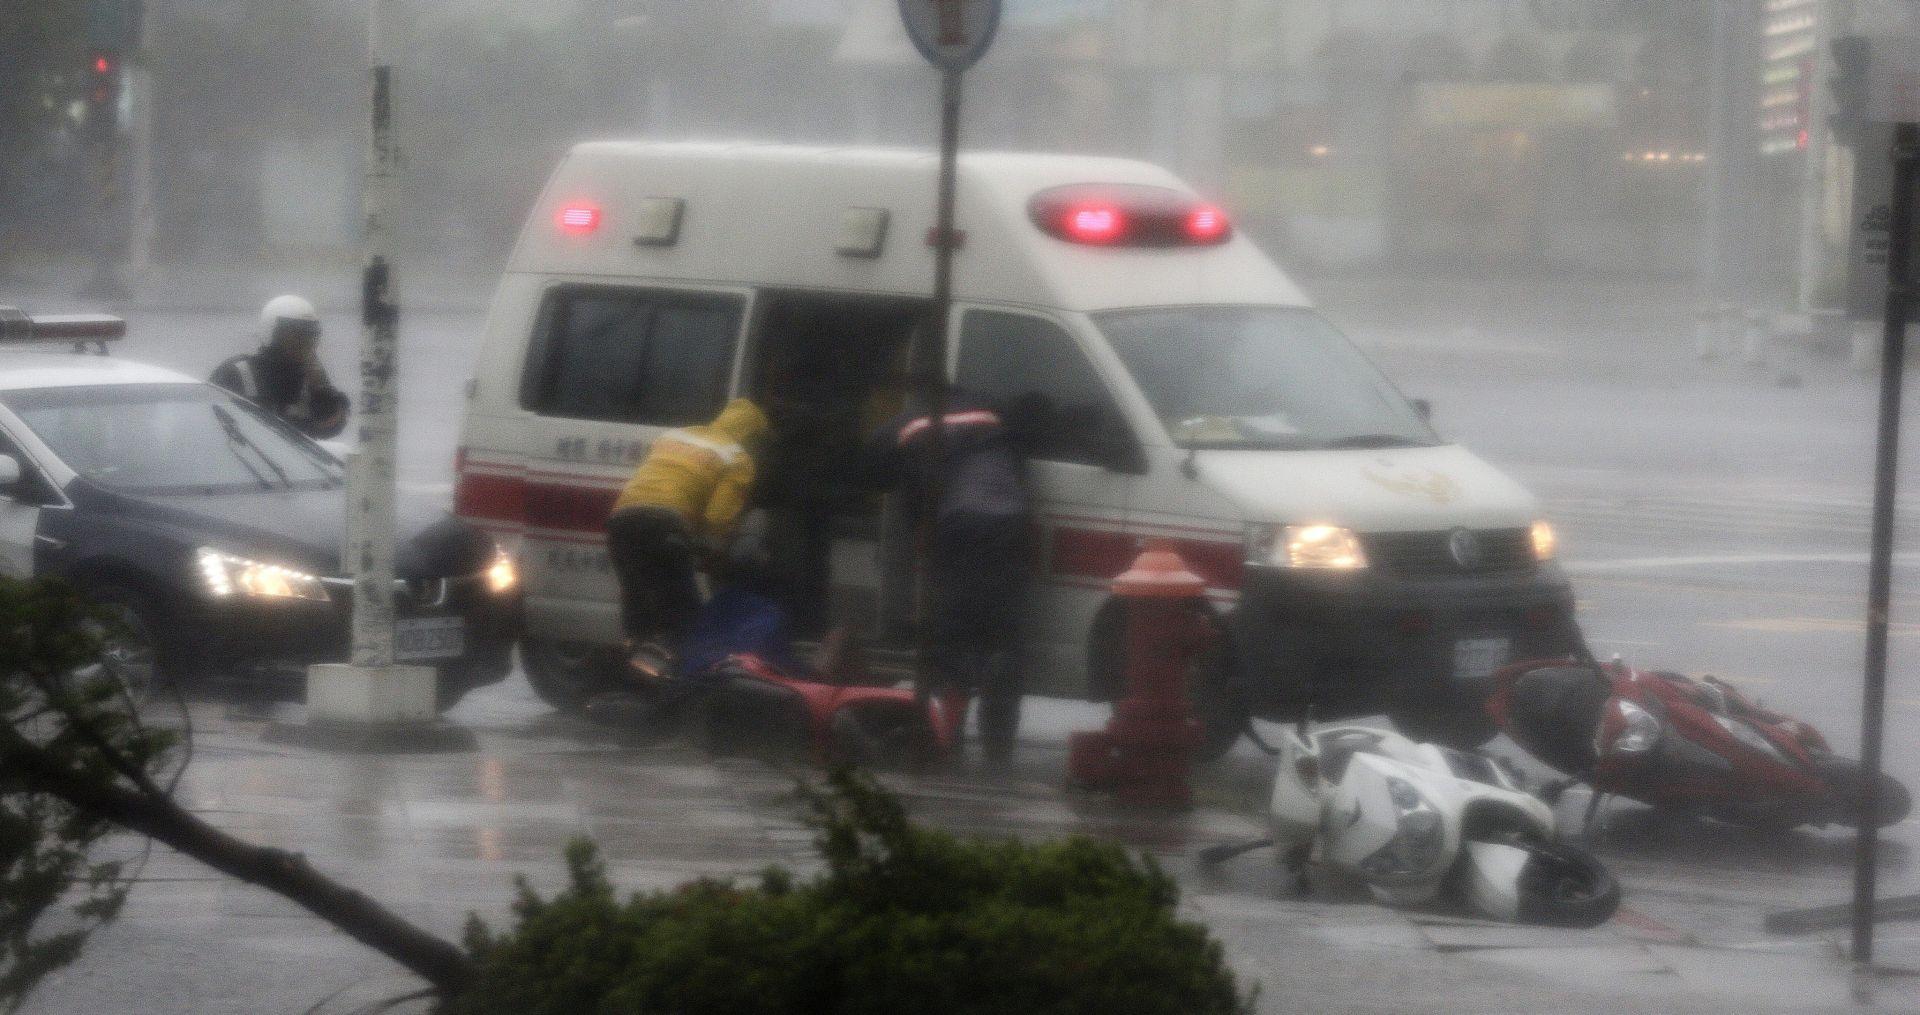 SUPERTAJFUN MERANTI STIGAO U KINU Tajvan pogodile najsnažnije oluje u posljednjih 20 godina, jedna osoba poginula